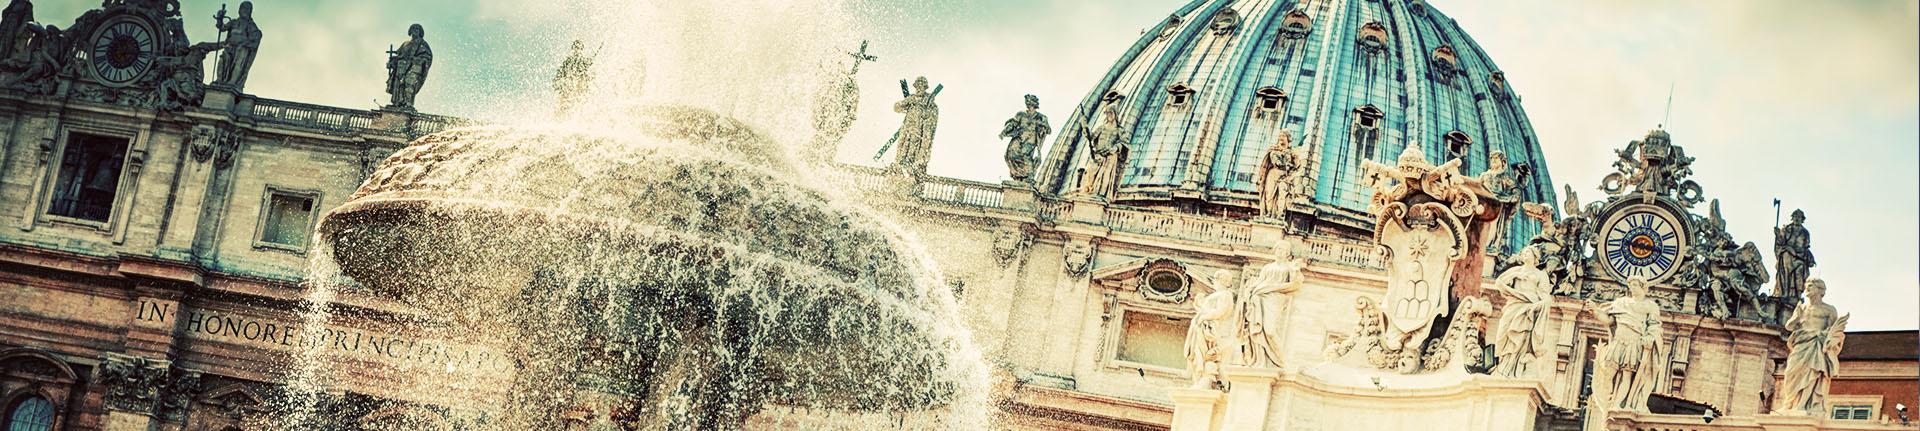 Turismo religioso: dicas de passeios que celebram a fé